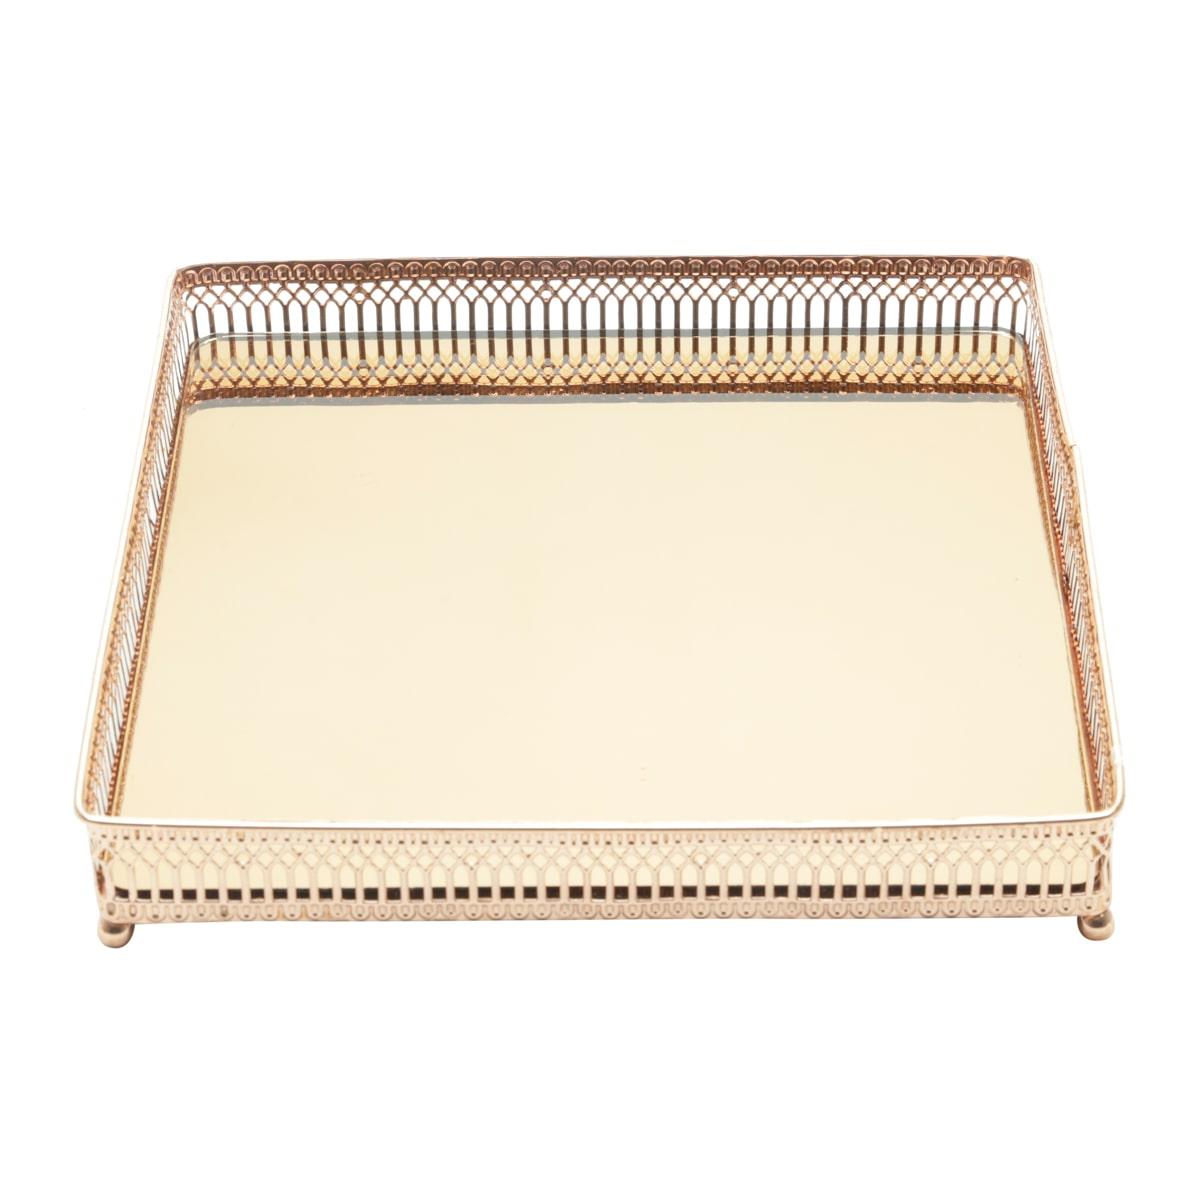 Bandeja Espelhada Metal Cobre Quadrada Luxo para Lavabo / Bar / Sala 25 x 25 x 4,5 CM